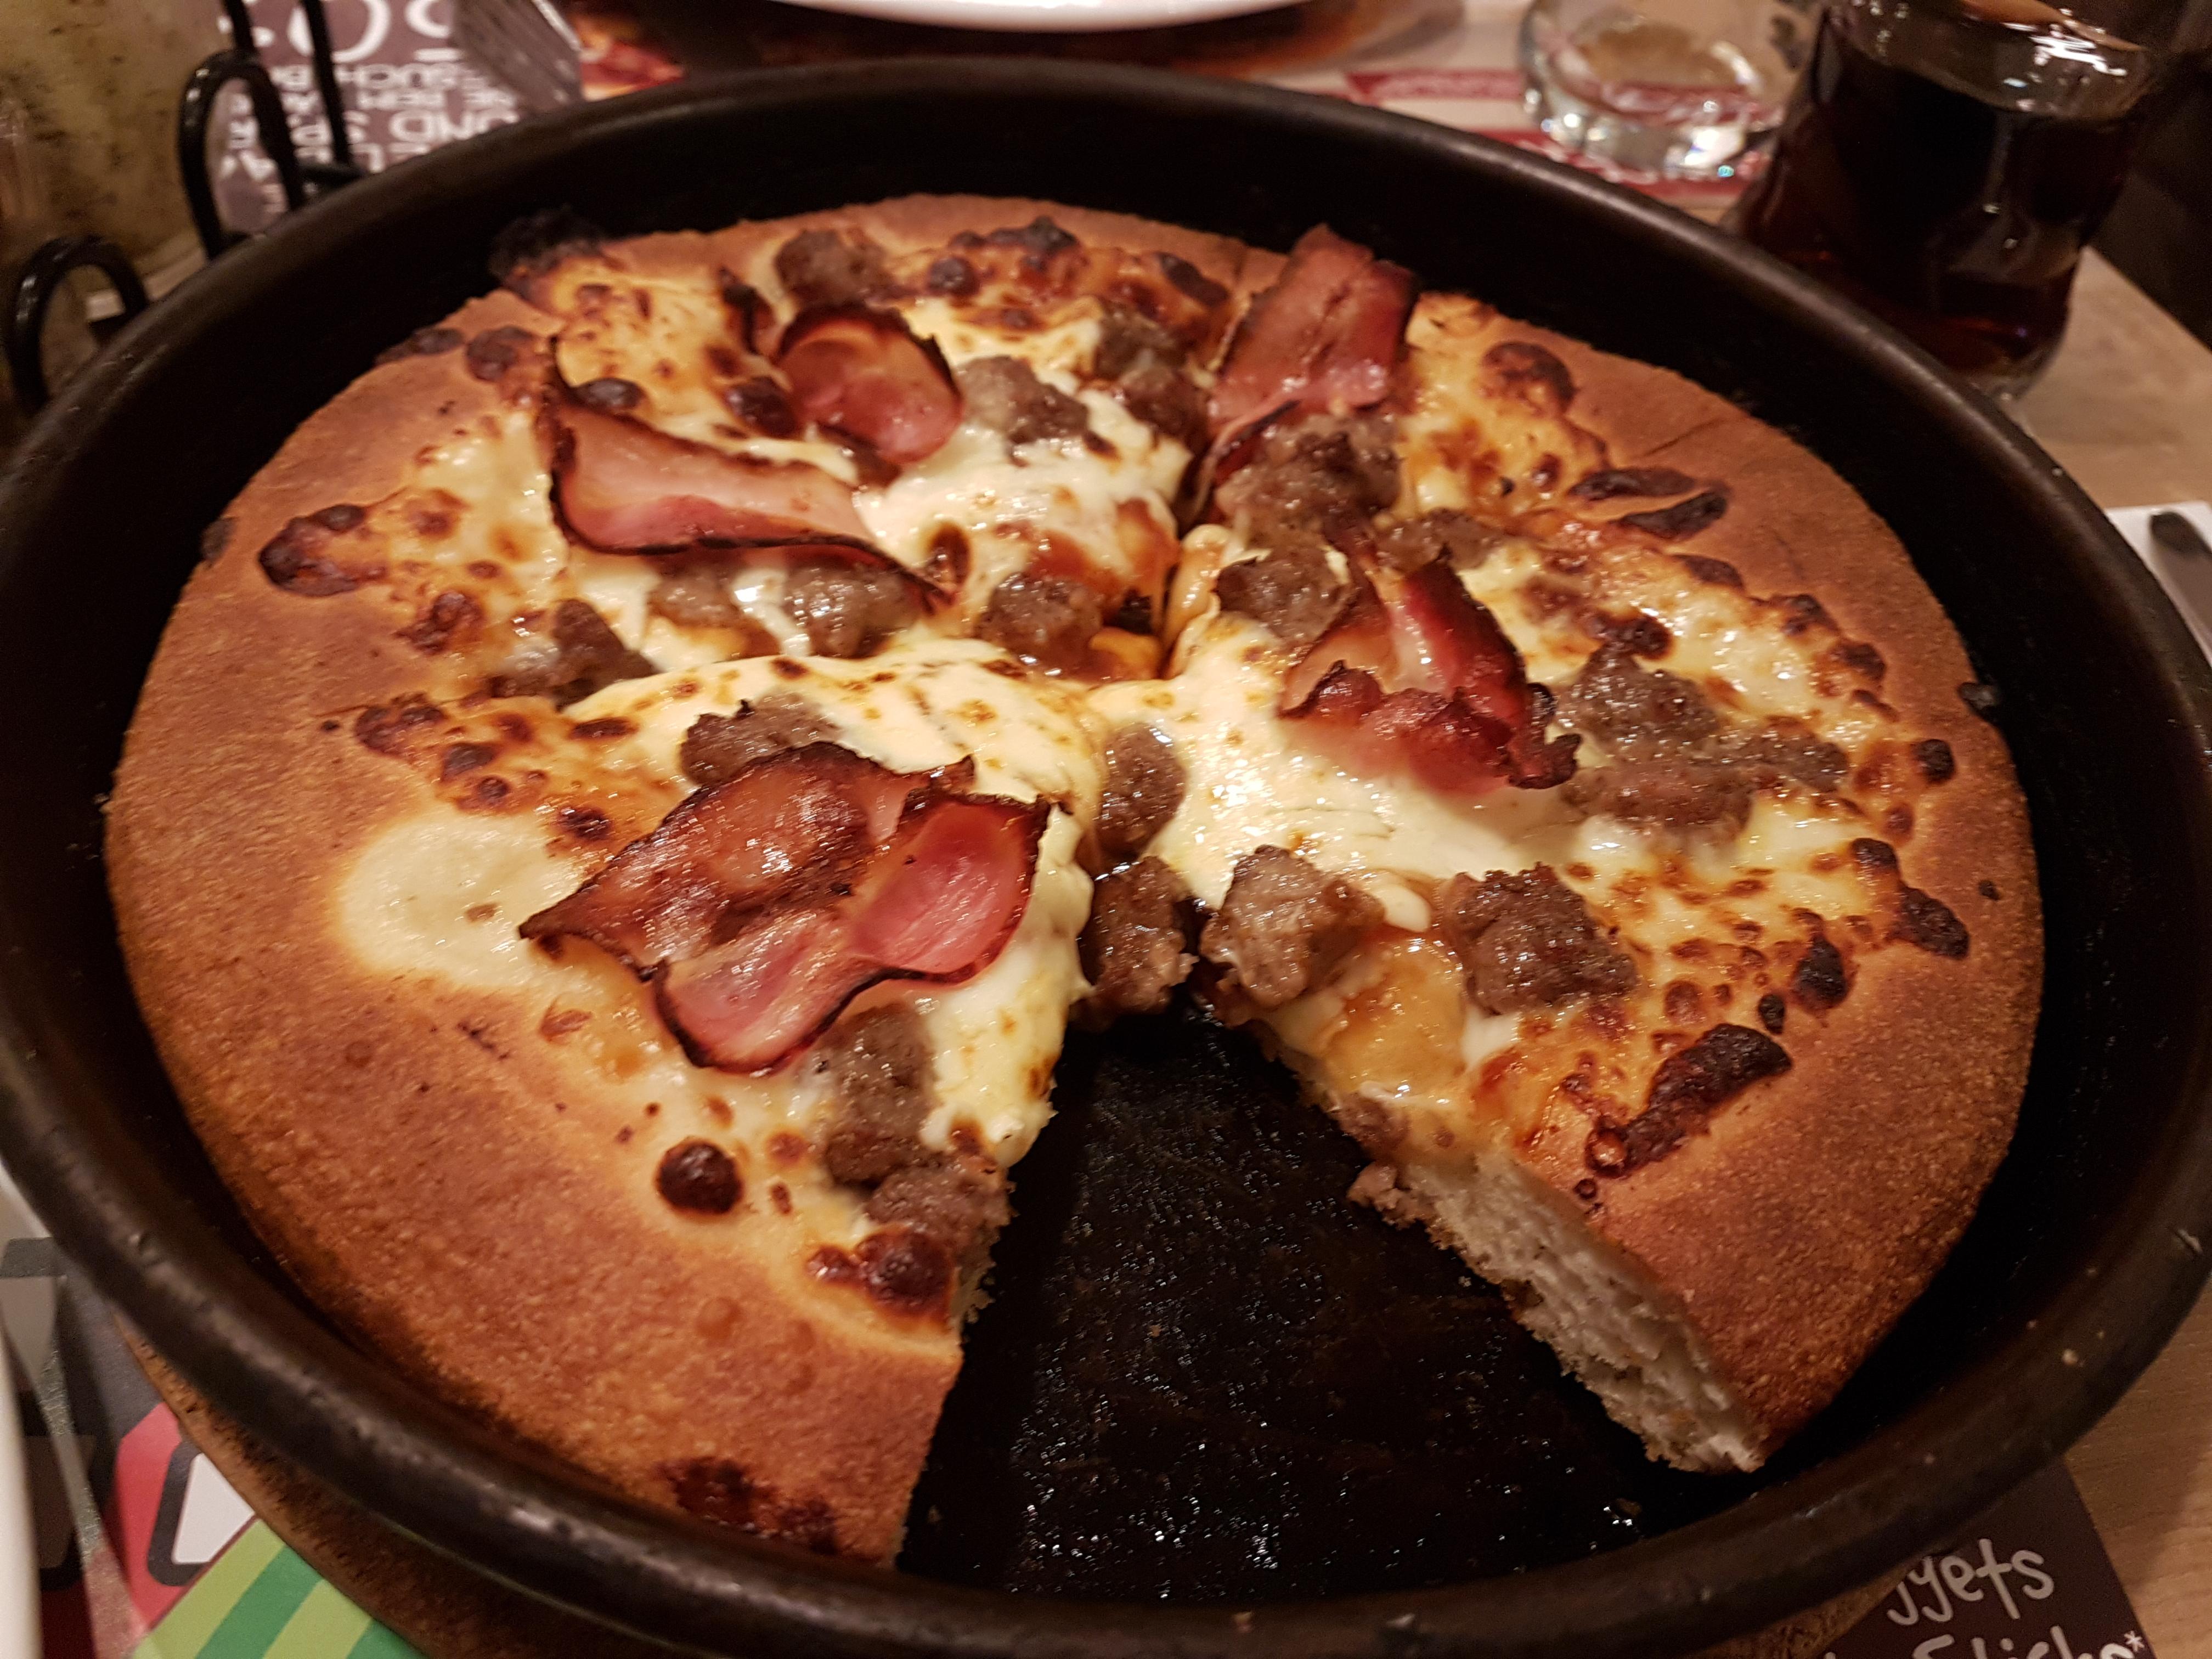 https://foodloader.net/Holz_2018-02-24_Pizza.jpg